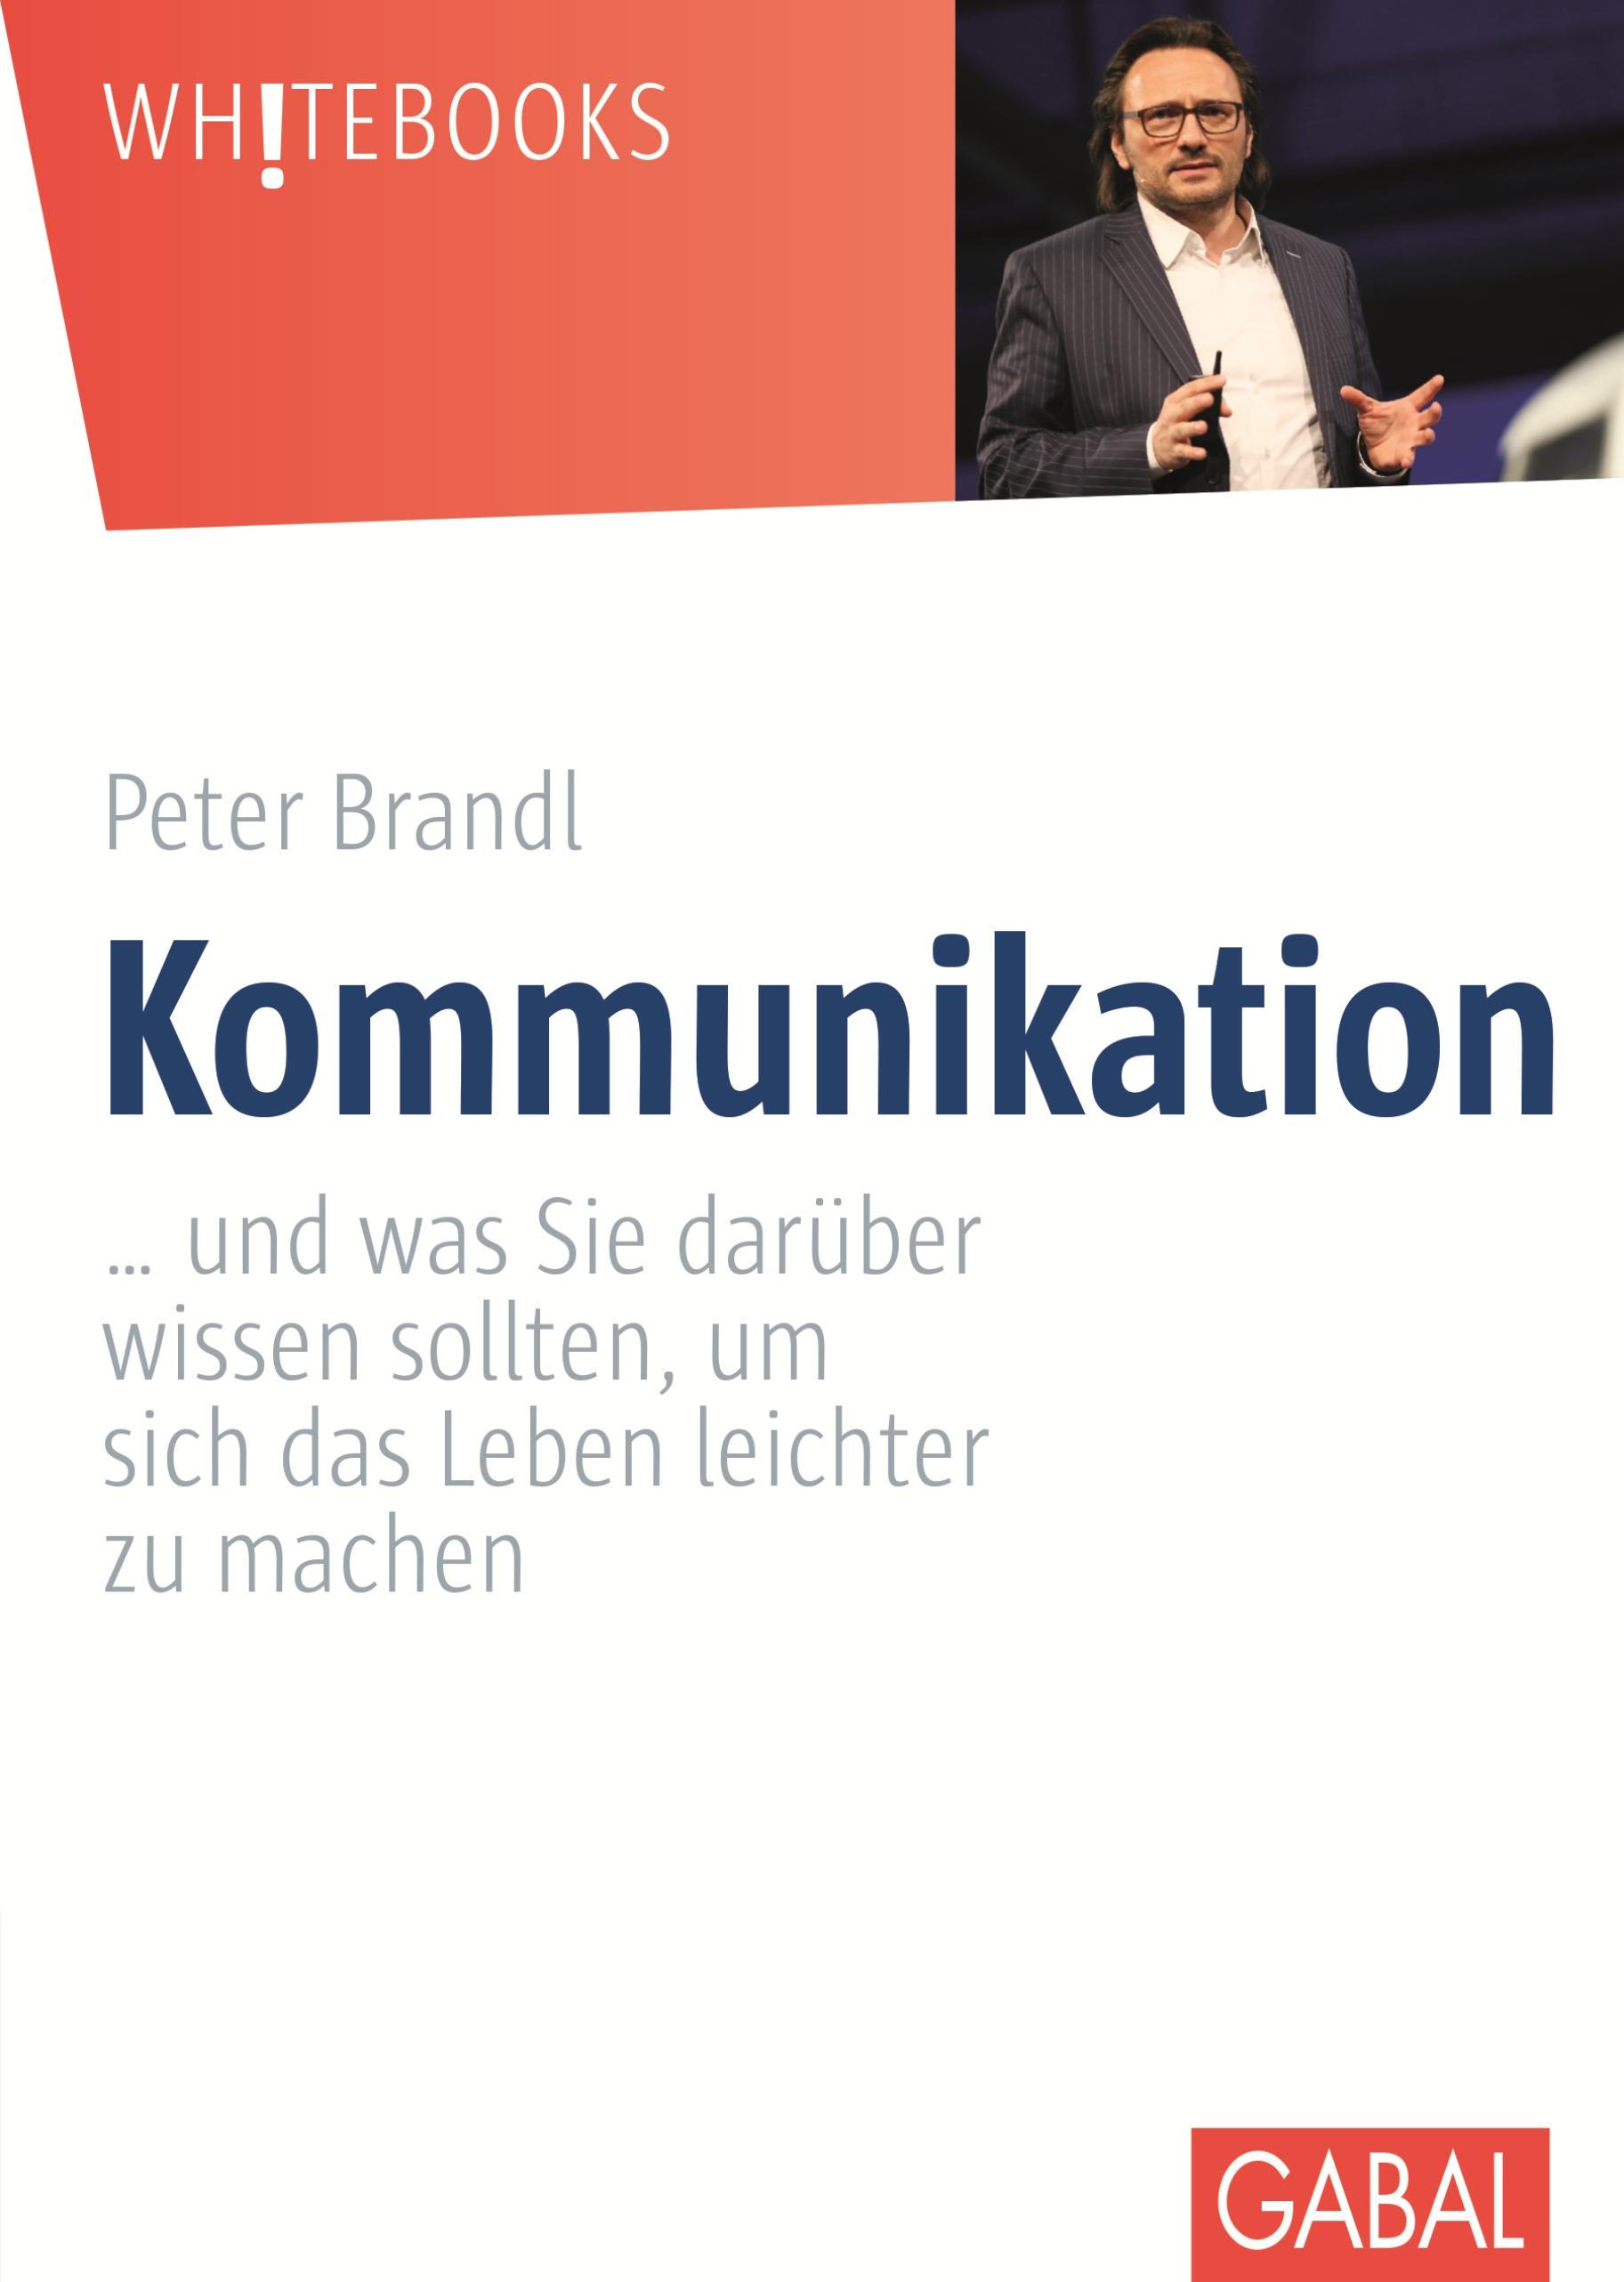 Peter Brandl Kommunikation elisabeth brandl sternenhimmel